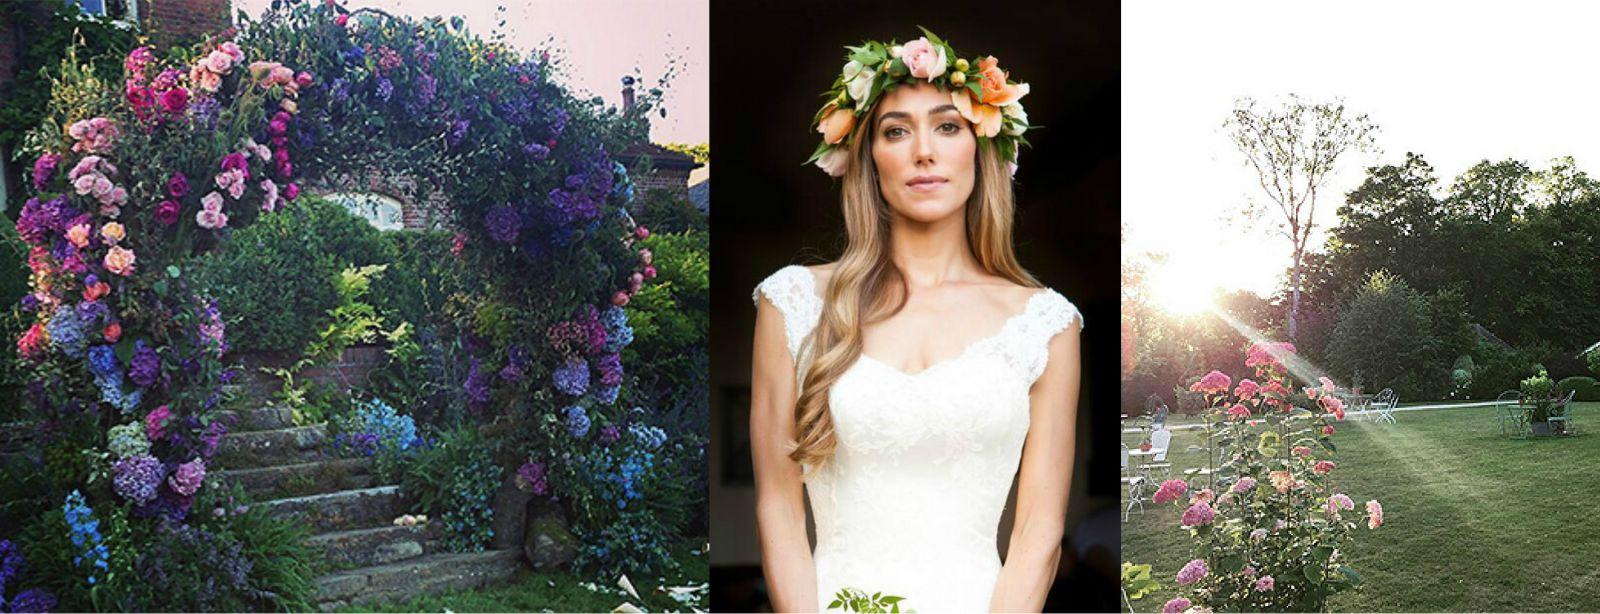 Самая голливудская свадьба года: бывший муж Мадонны женился третий раз - фото №9